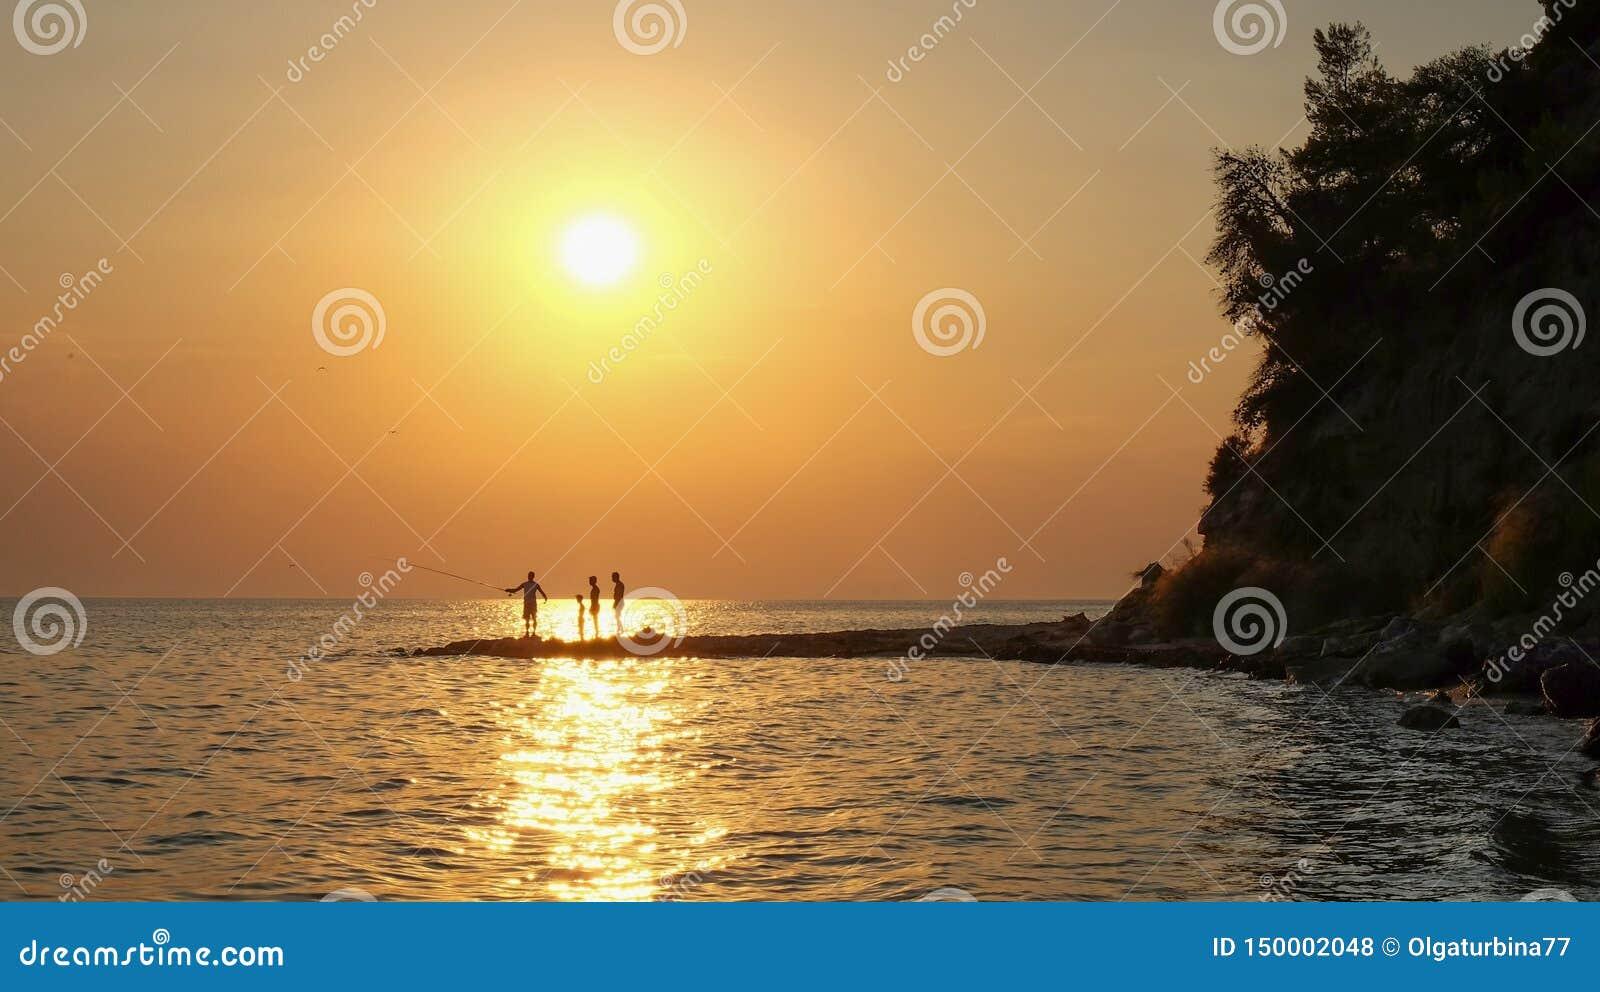 Siluetas de los pescadores que pescan en la playa